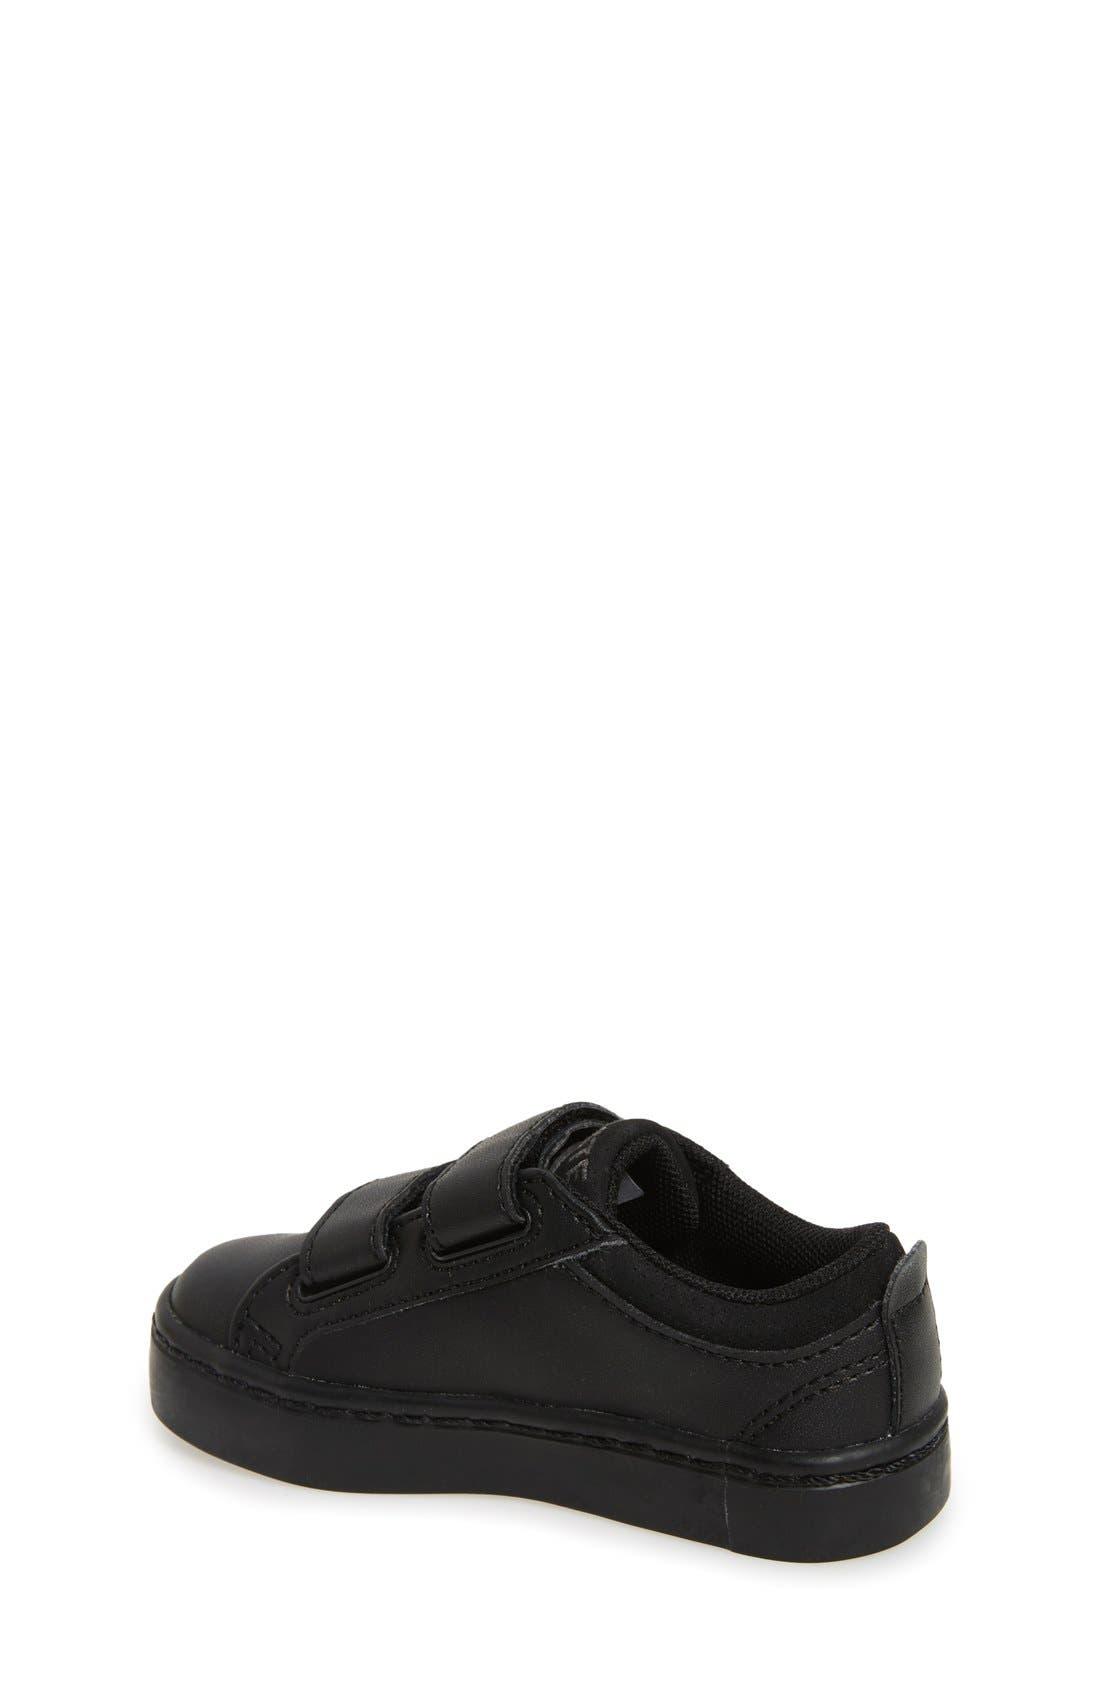 Alternate Image 2  - Lacoste 'Straightset' Sneaker (Baby, Walker & Toddler)